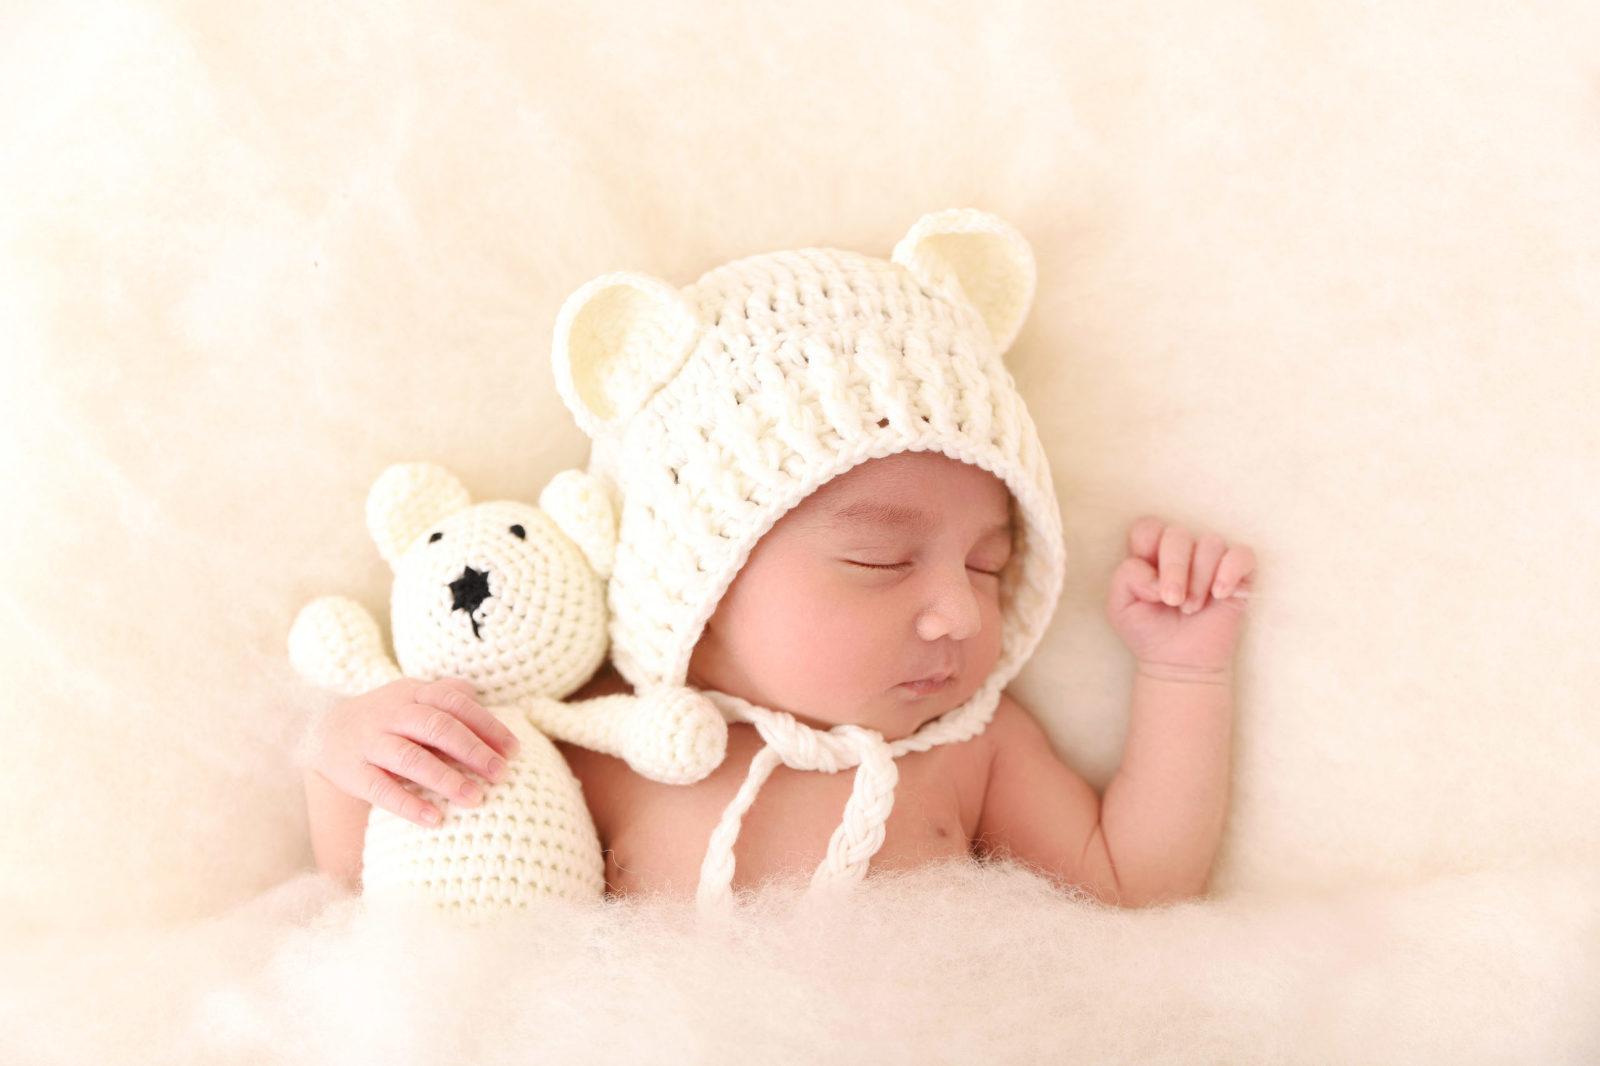 nouveau-né dormant avec son doudou